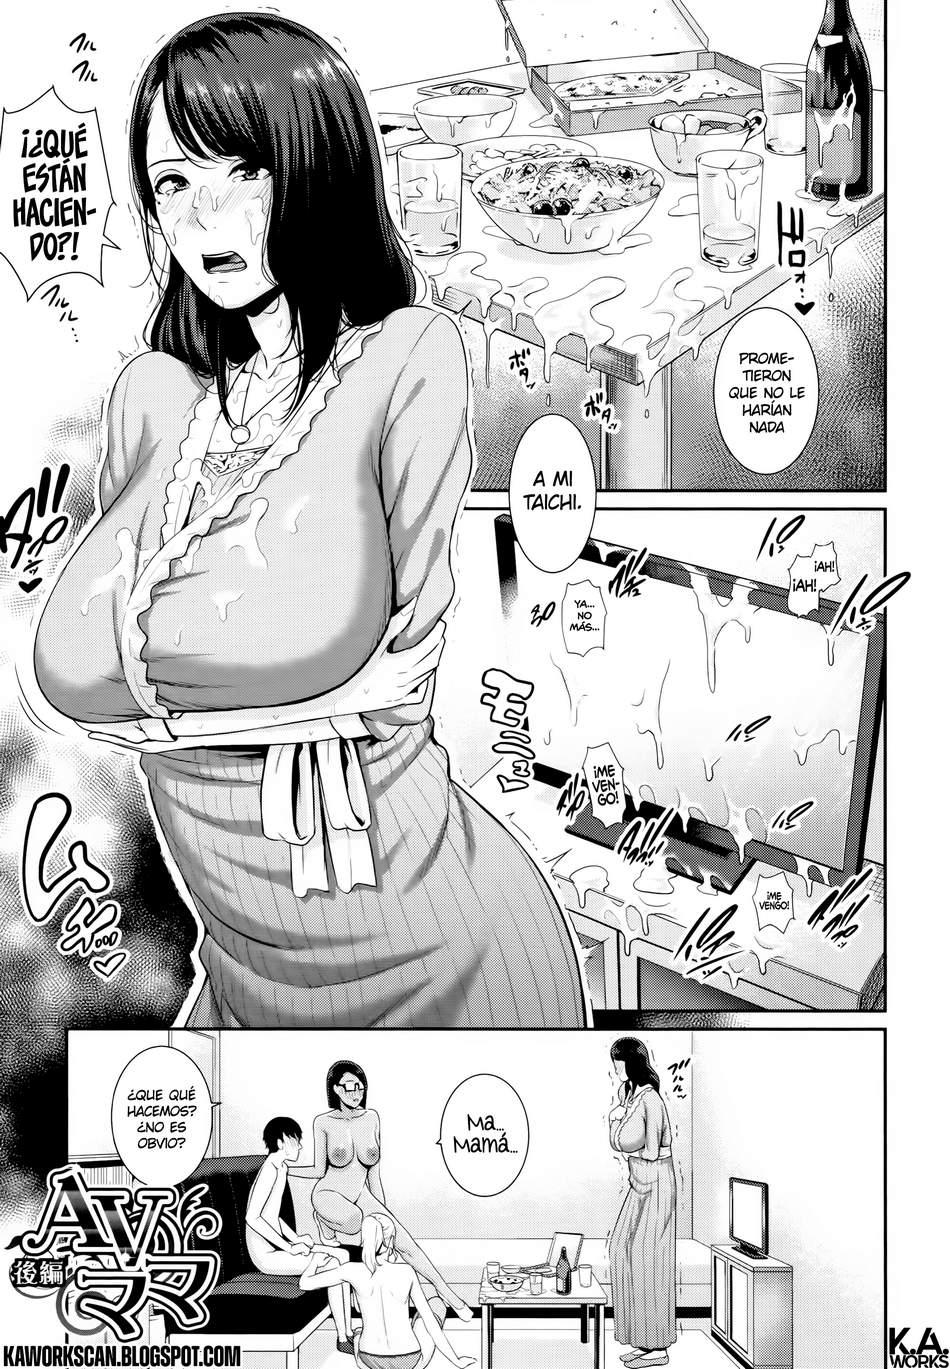 Mamá Porno #2